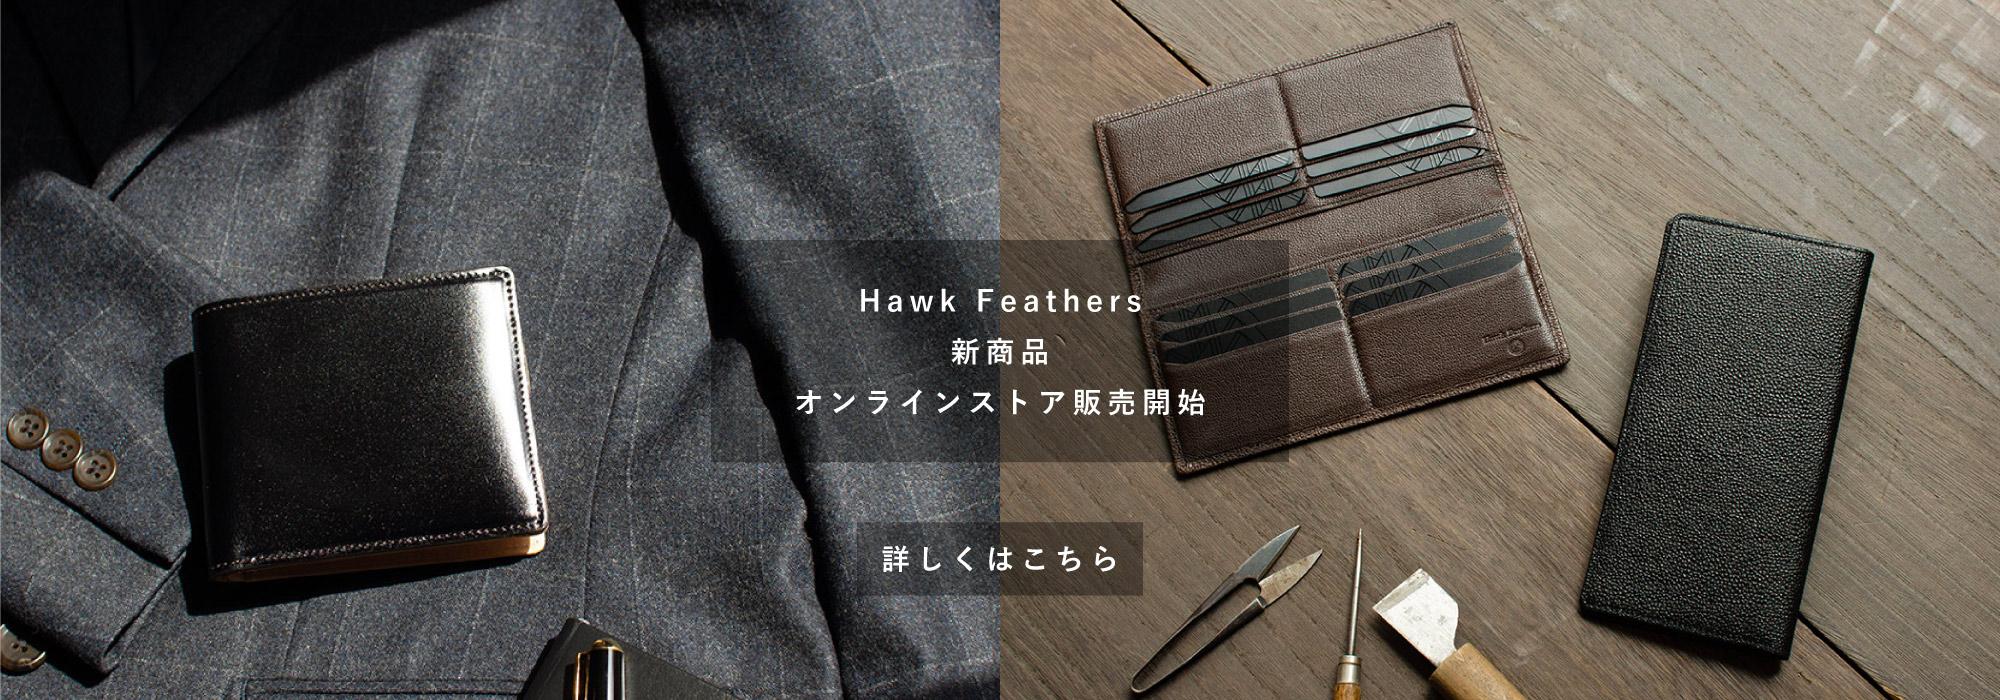 ホークフェザース新商品